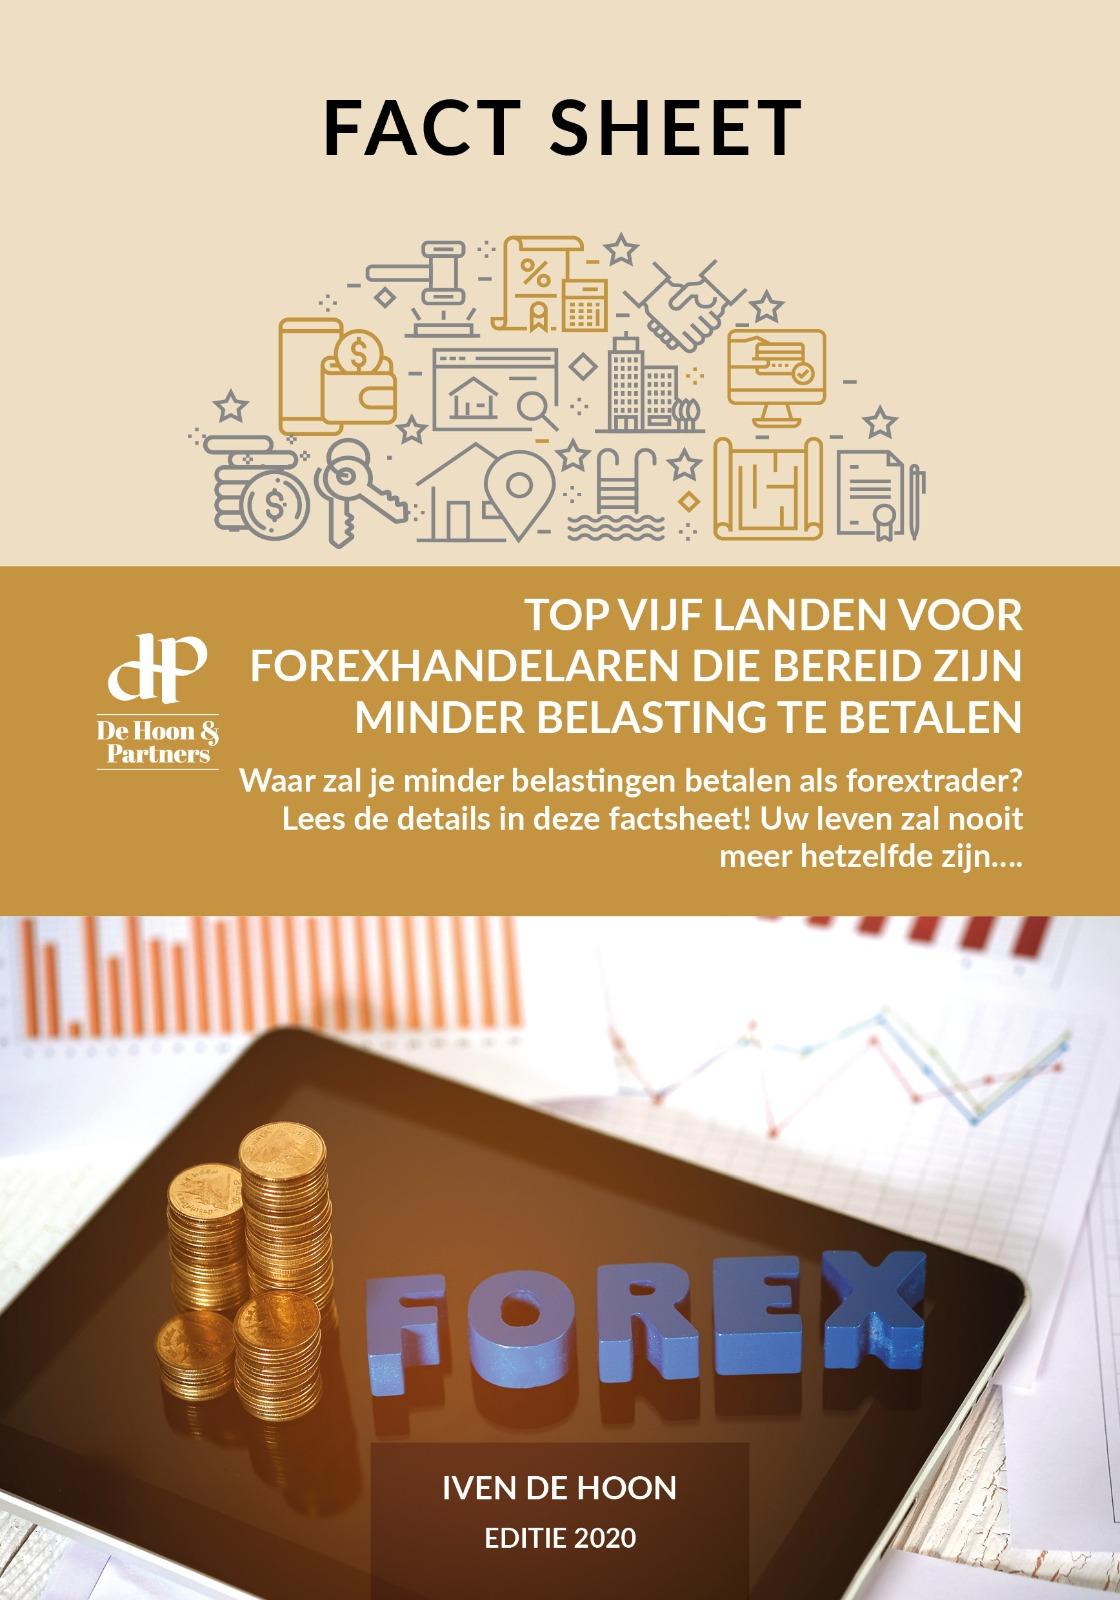 Fact sheet: Top vijf landen voor forex handelaren die bereid zijn minder belasting te betalen